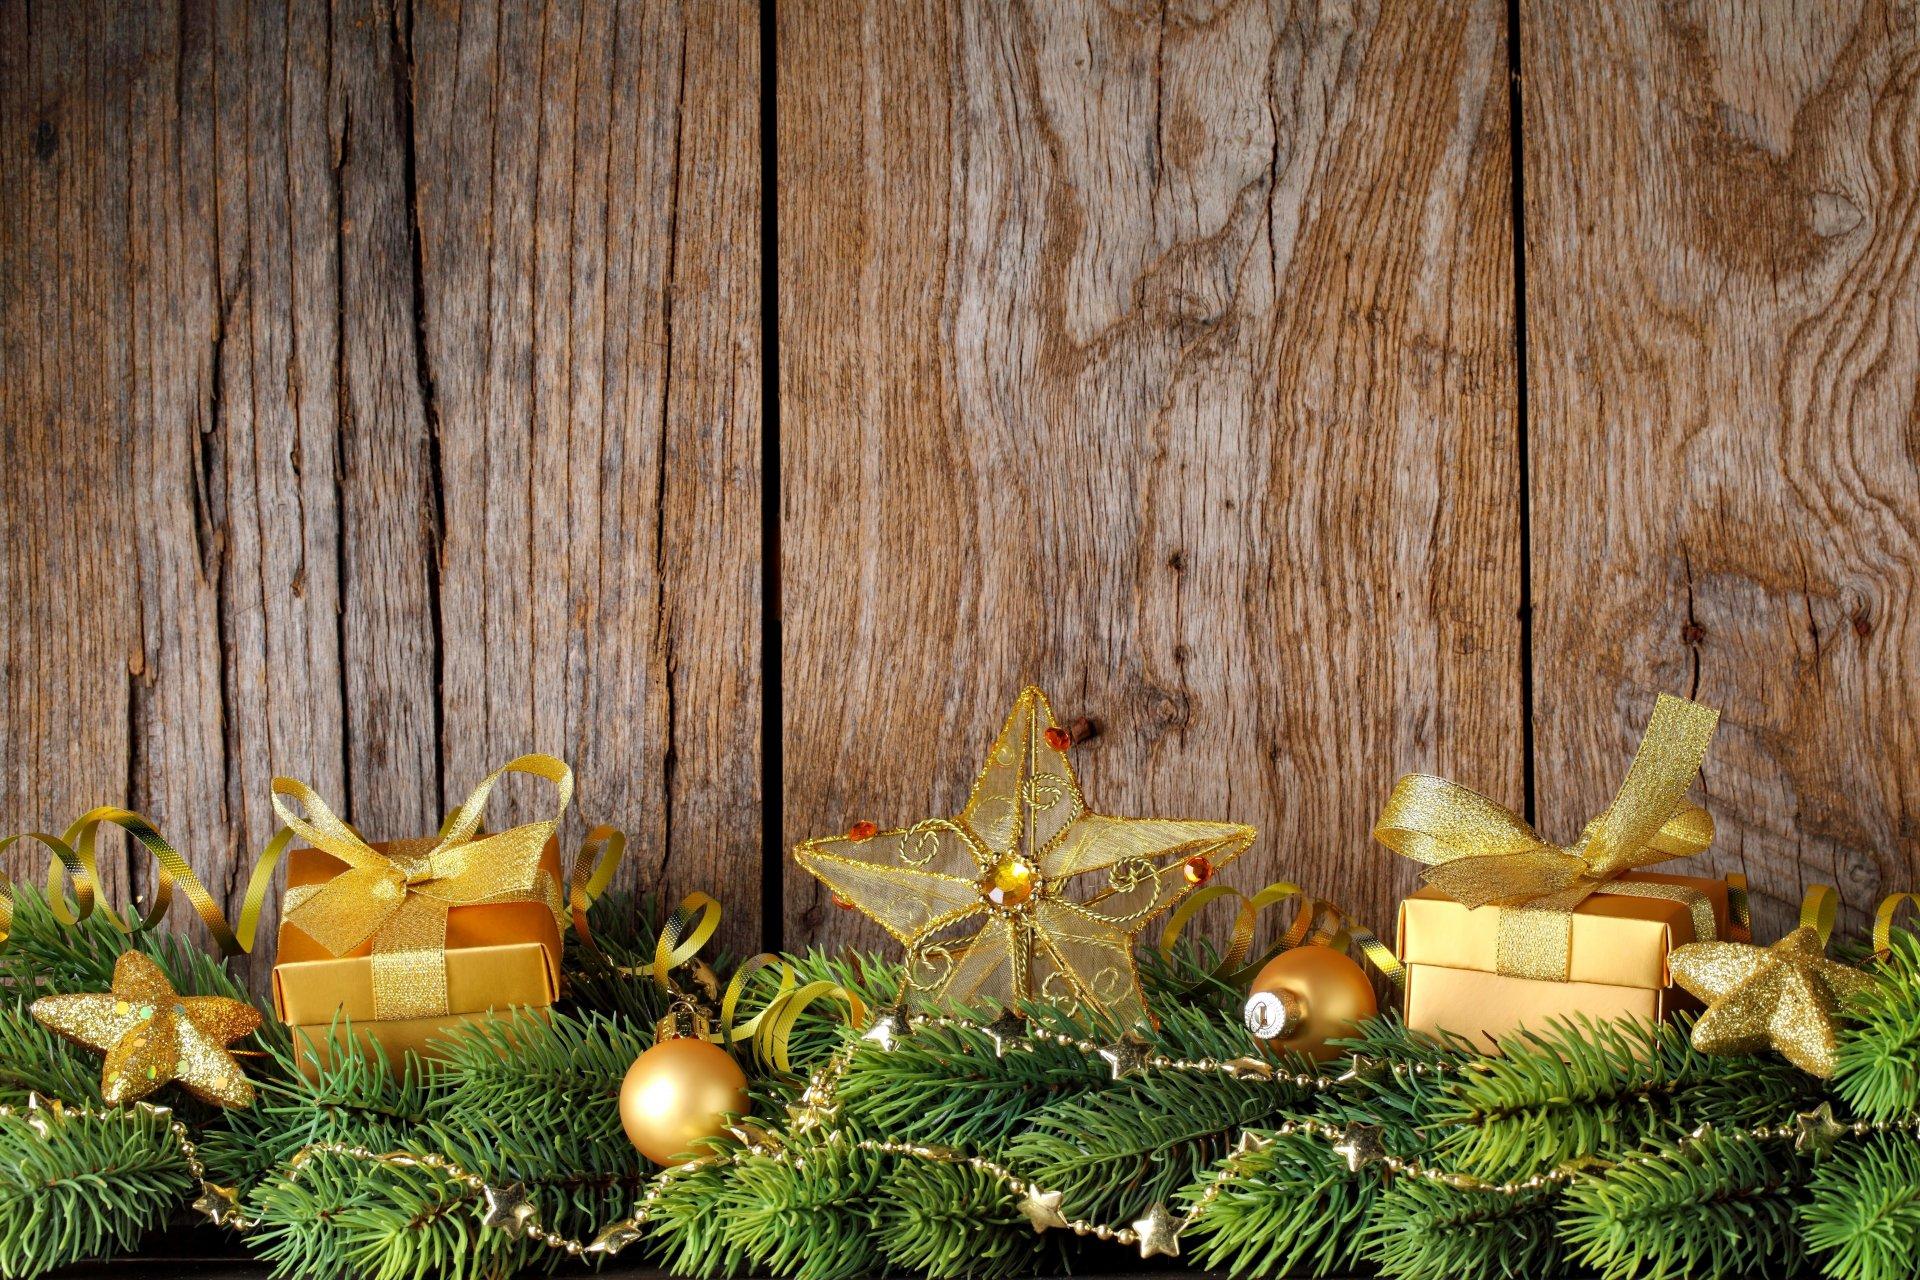 Картинки новый год фон дерево, новогодних трафаретов новым